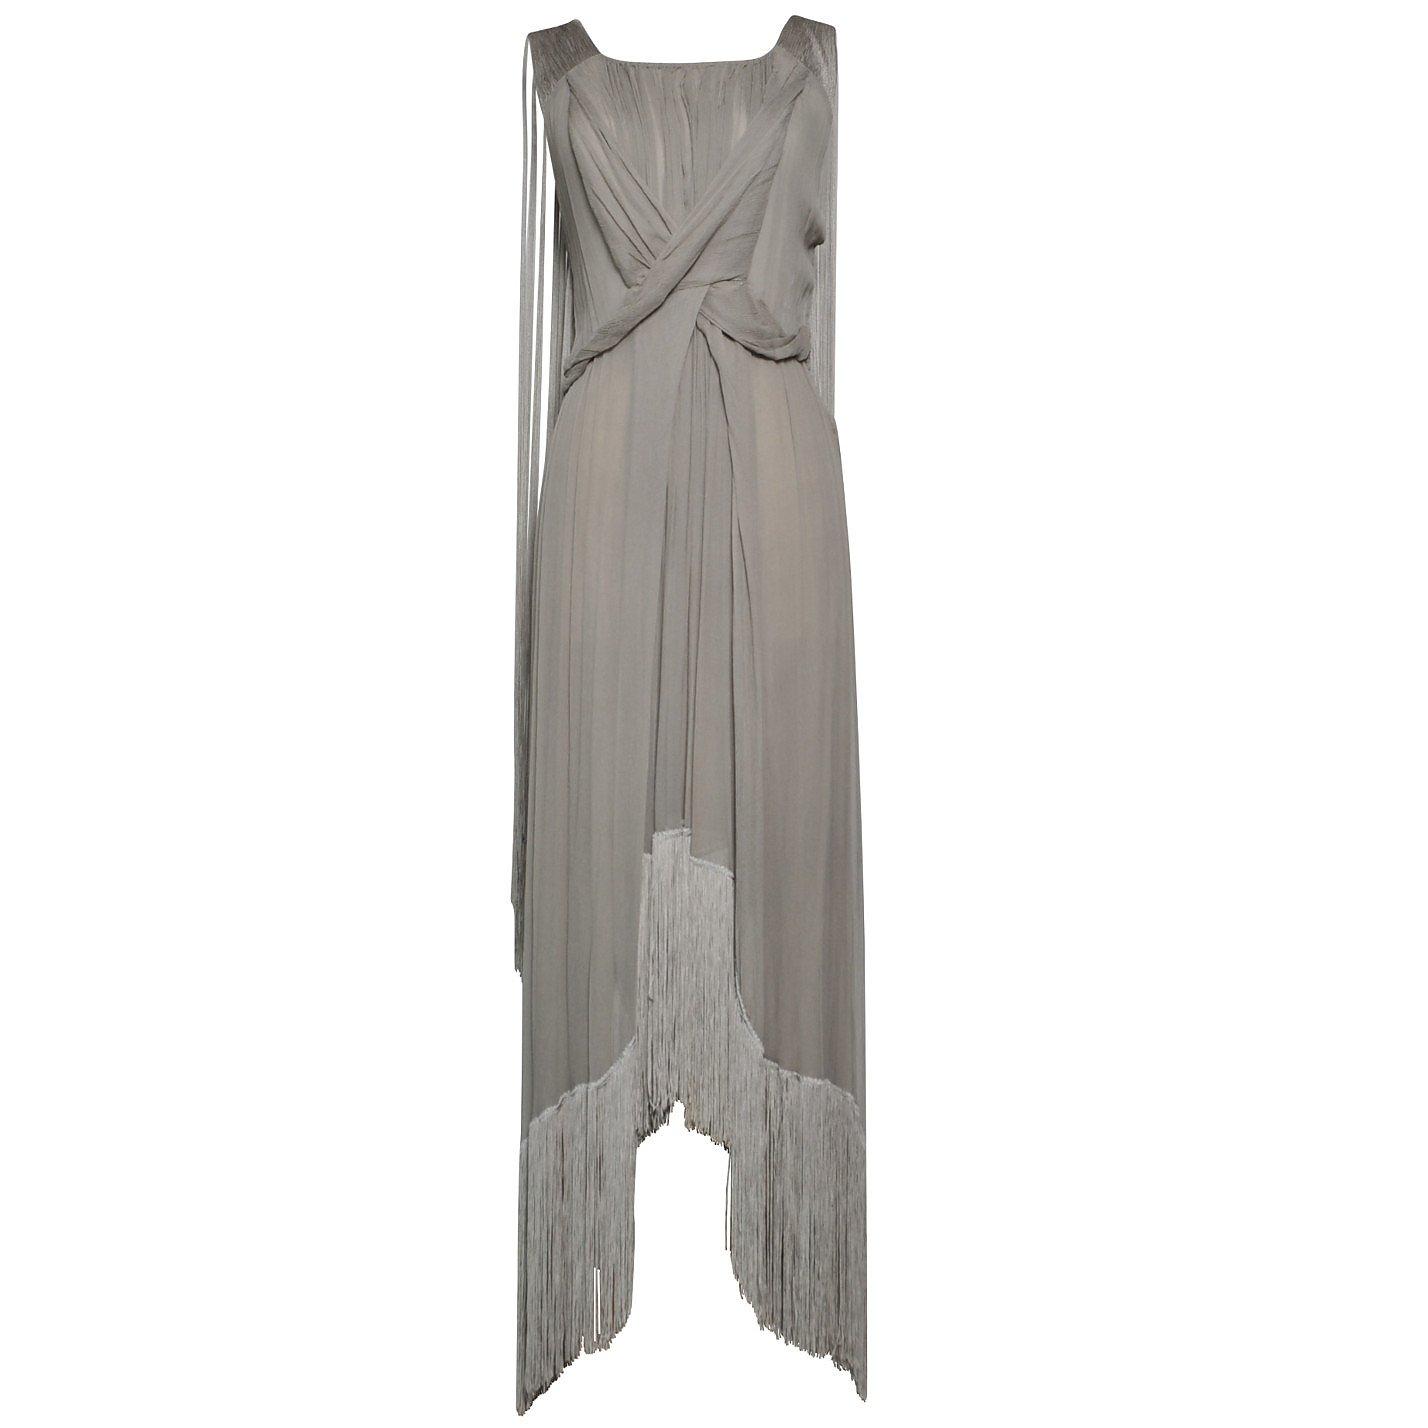 Alberta Ferretti Draped Fringed Dress